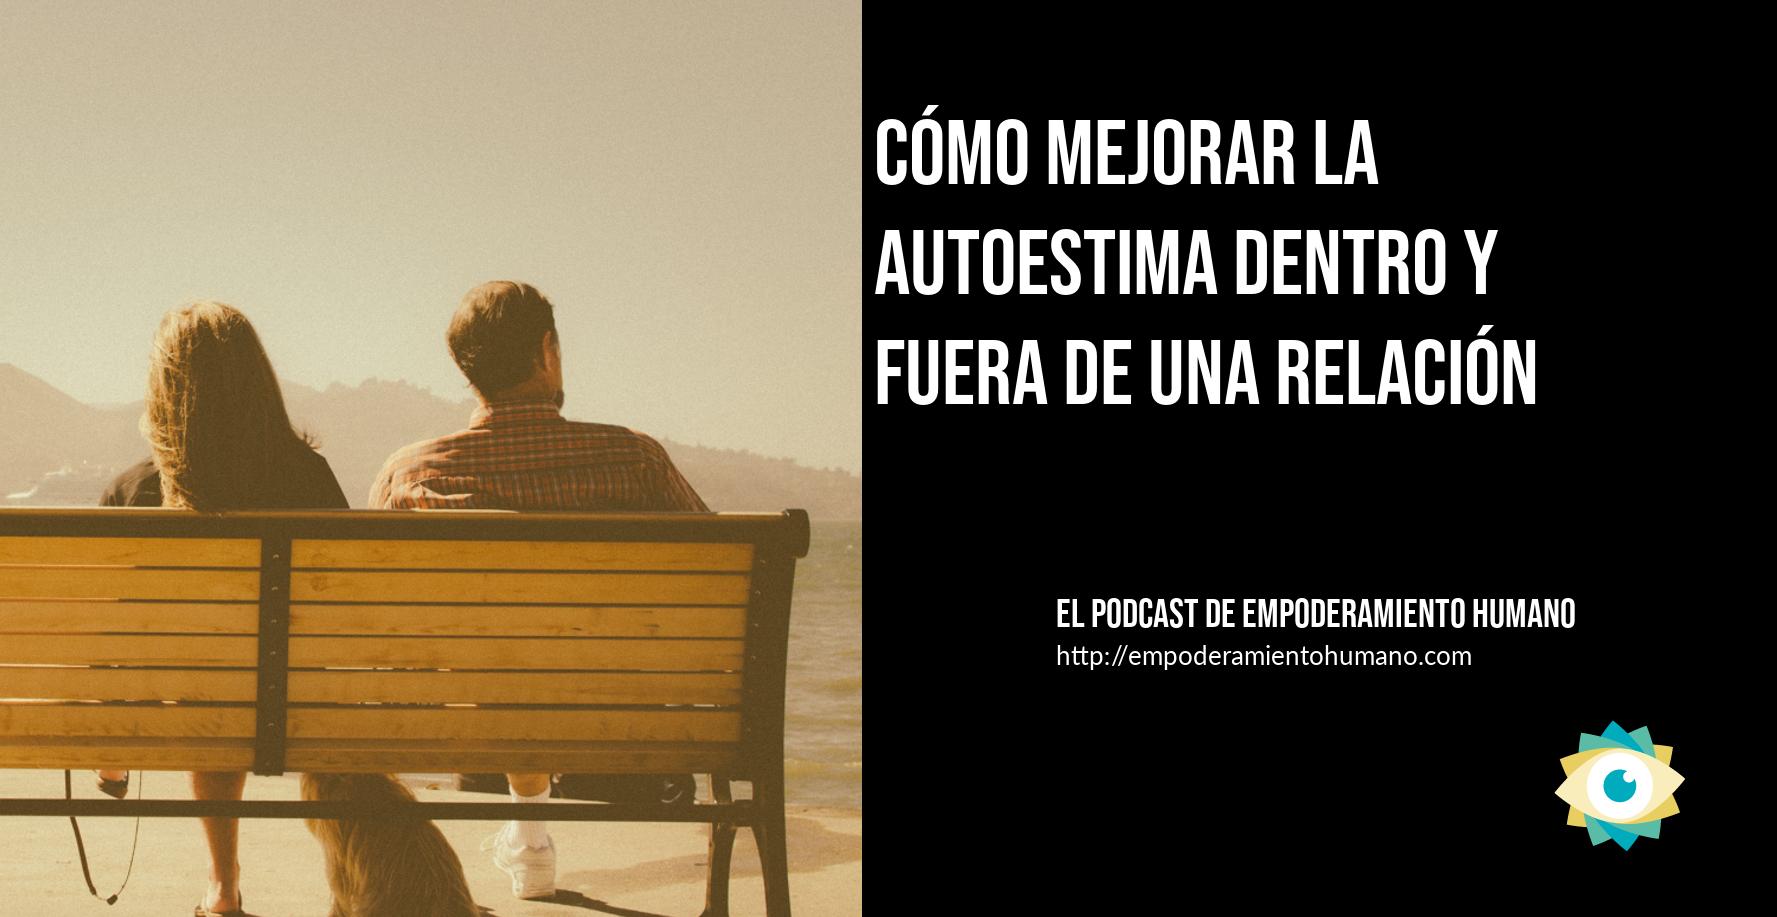 [Podcast 8] Cómo mejorar la autoestima dentro y fuera de una relación